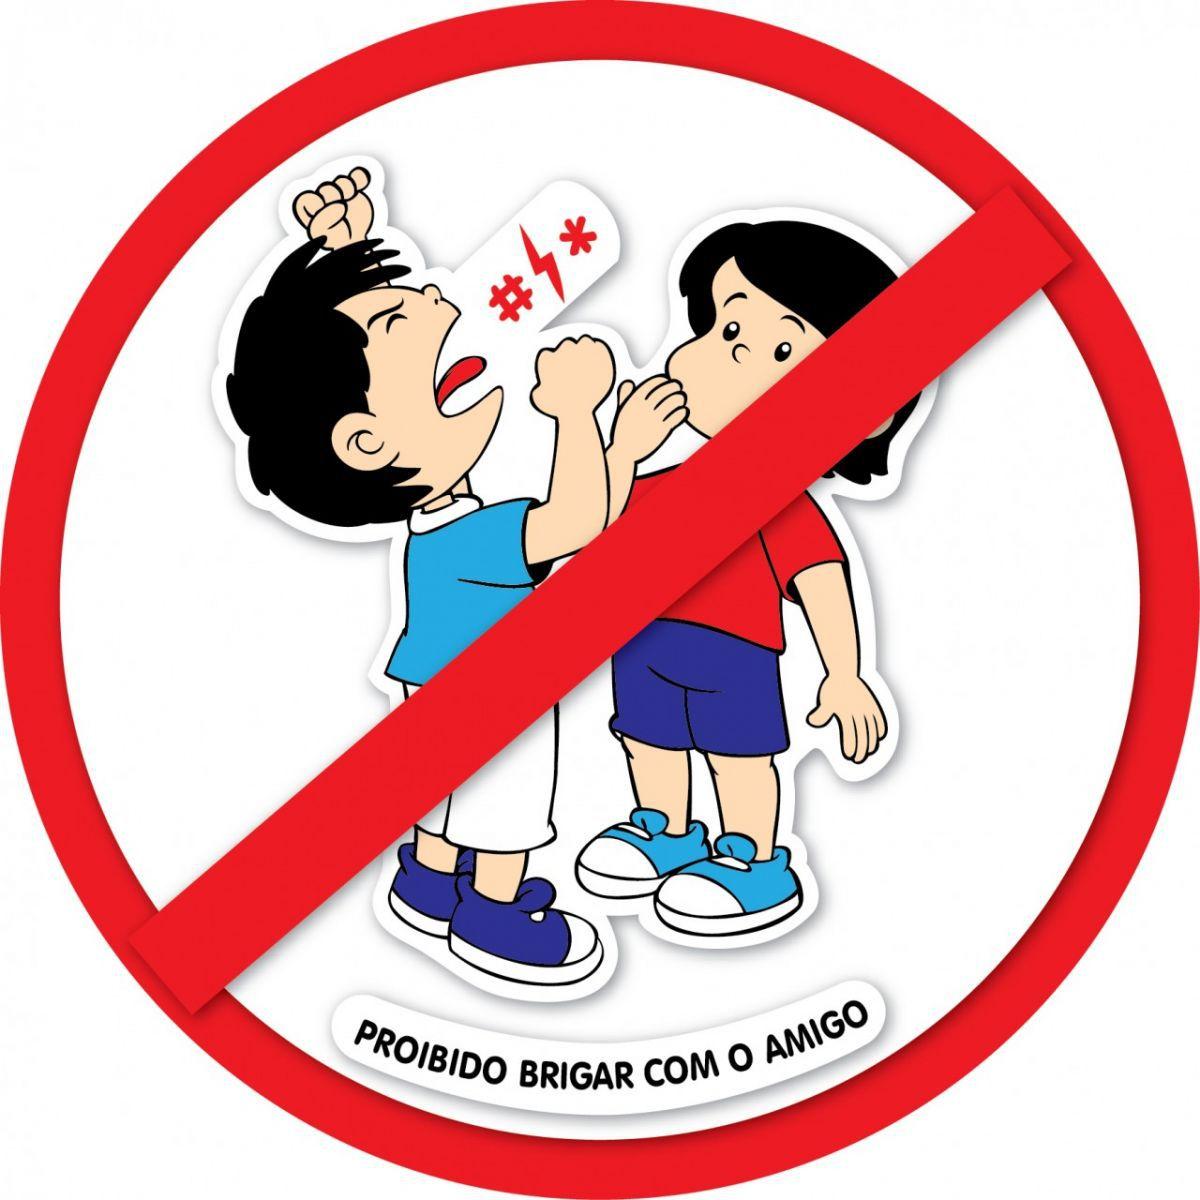 Painel Proibido Brigar com o Amigo E.V.A